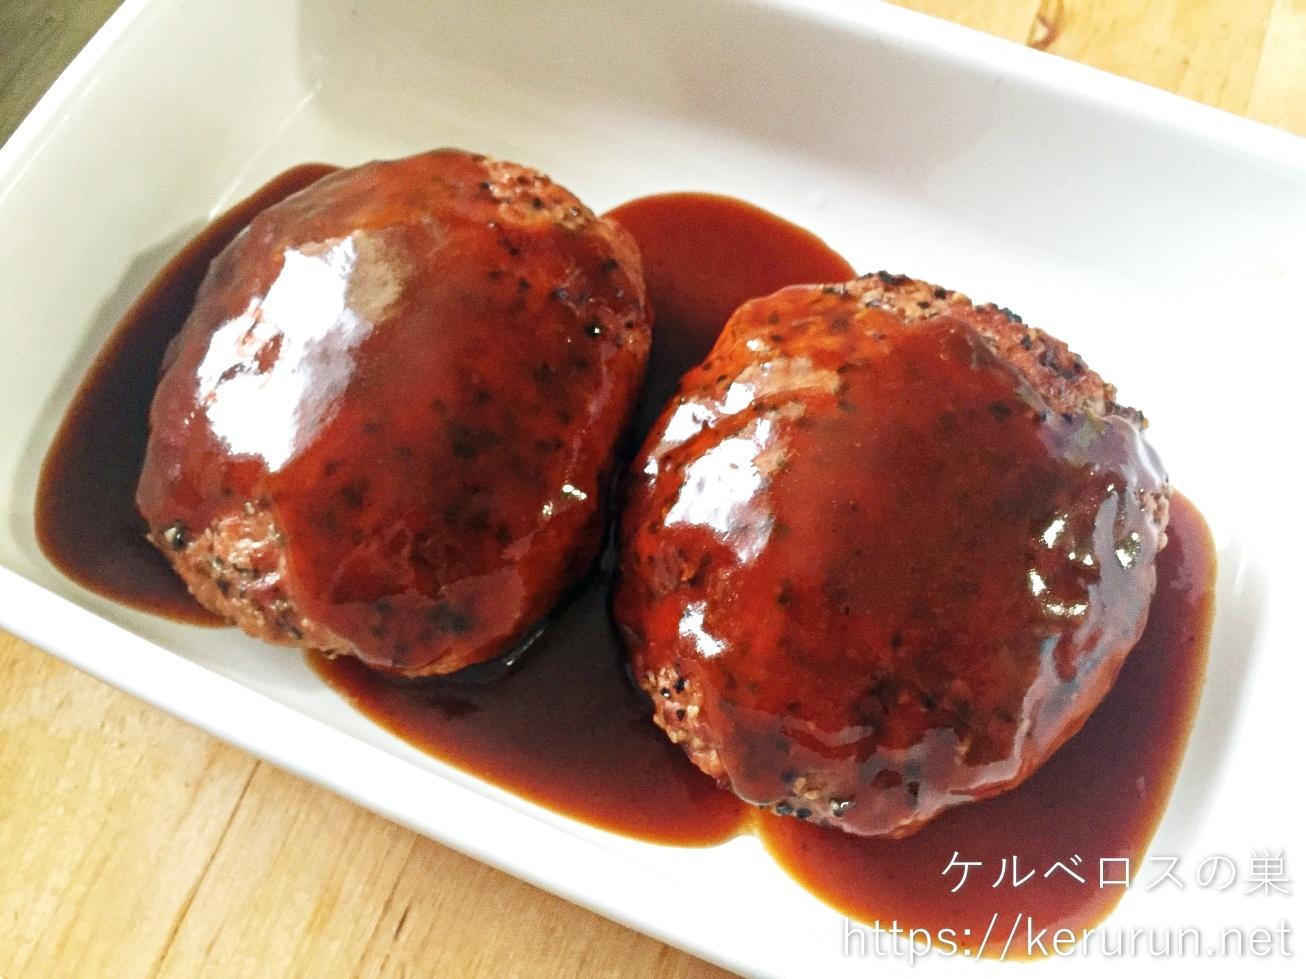 成城石井のハンバーグステーキで作るロコモコ弁当